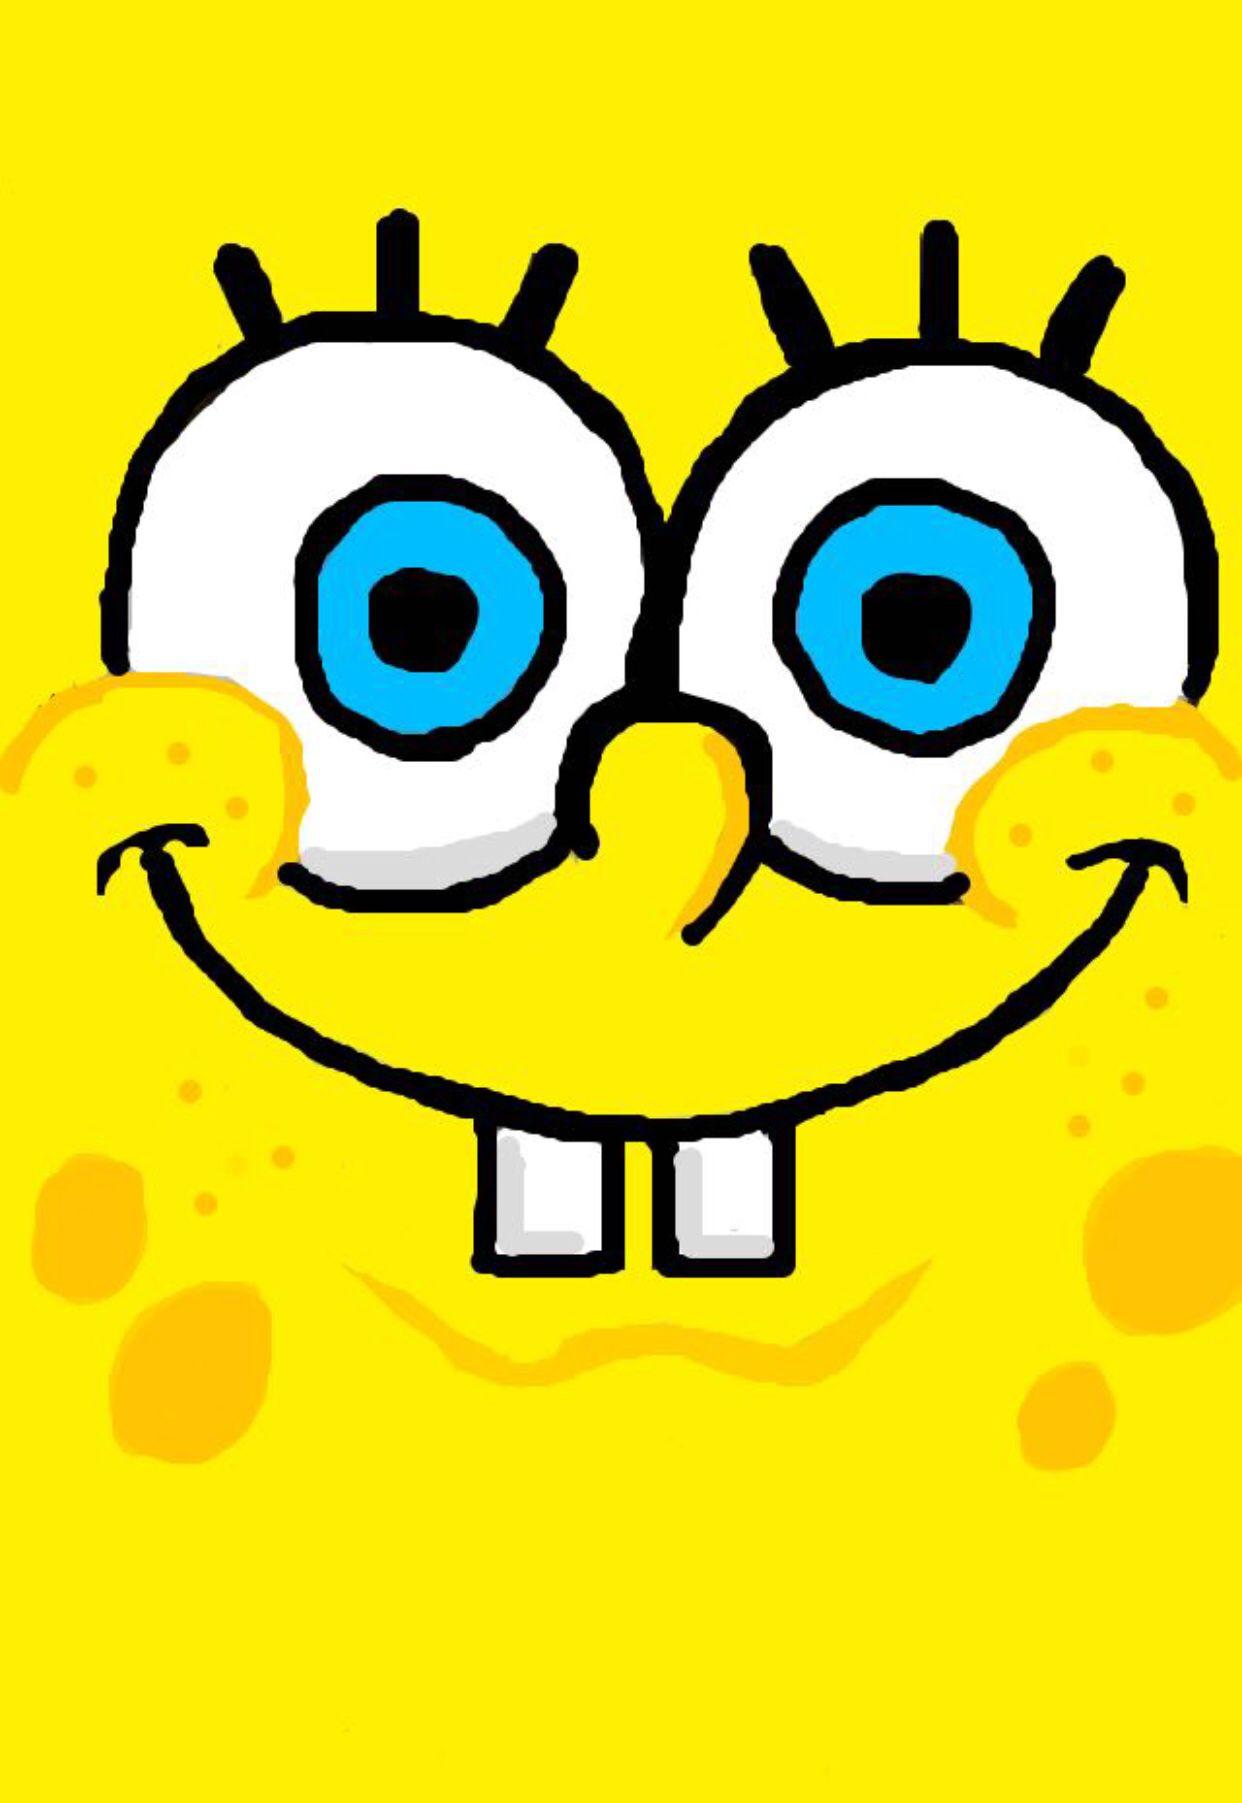 Spongebob Snapchat